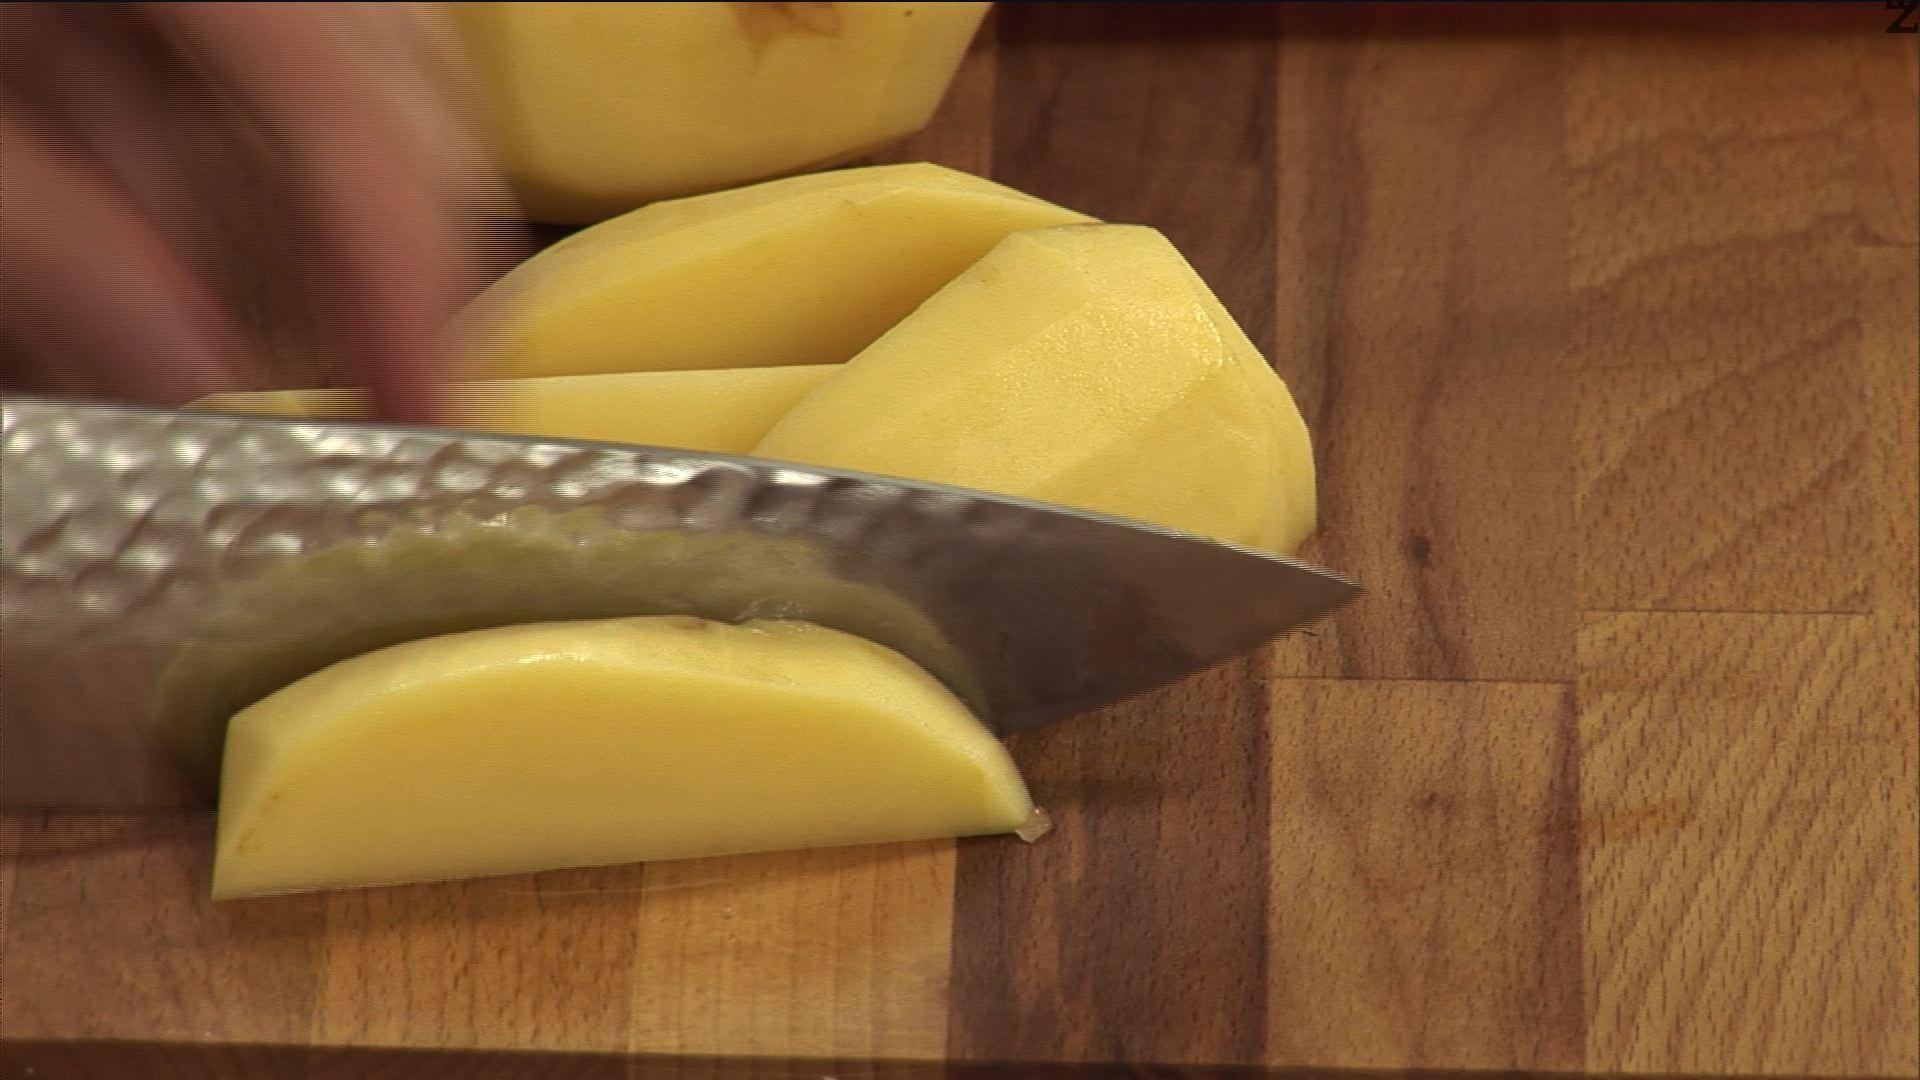 След като месото се е сварило, нарязваме картофите на сегменти/осминки.